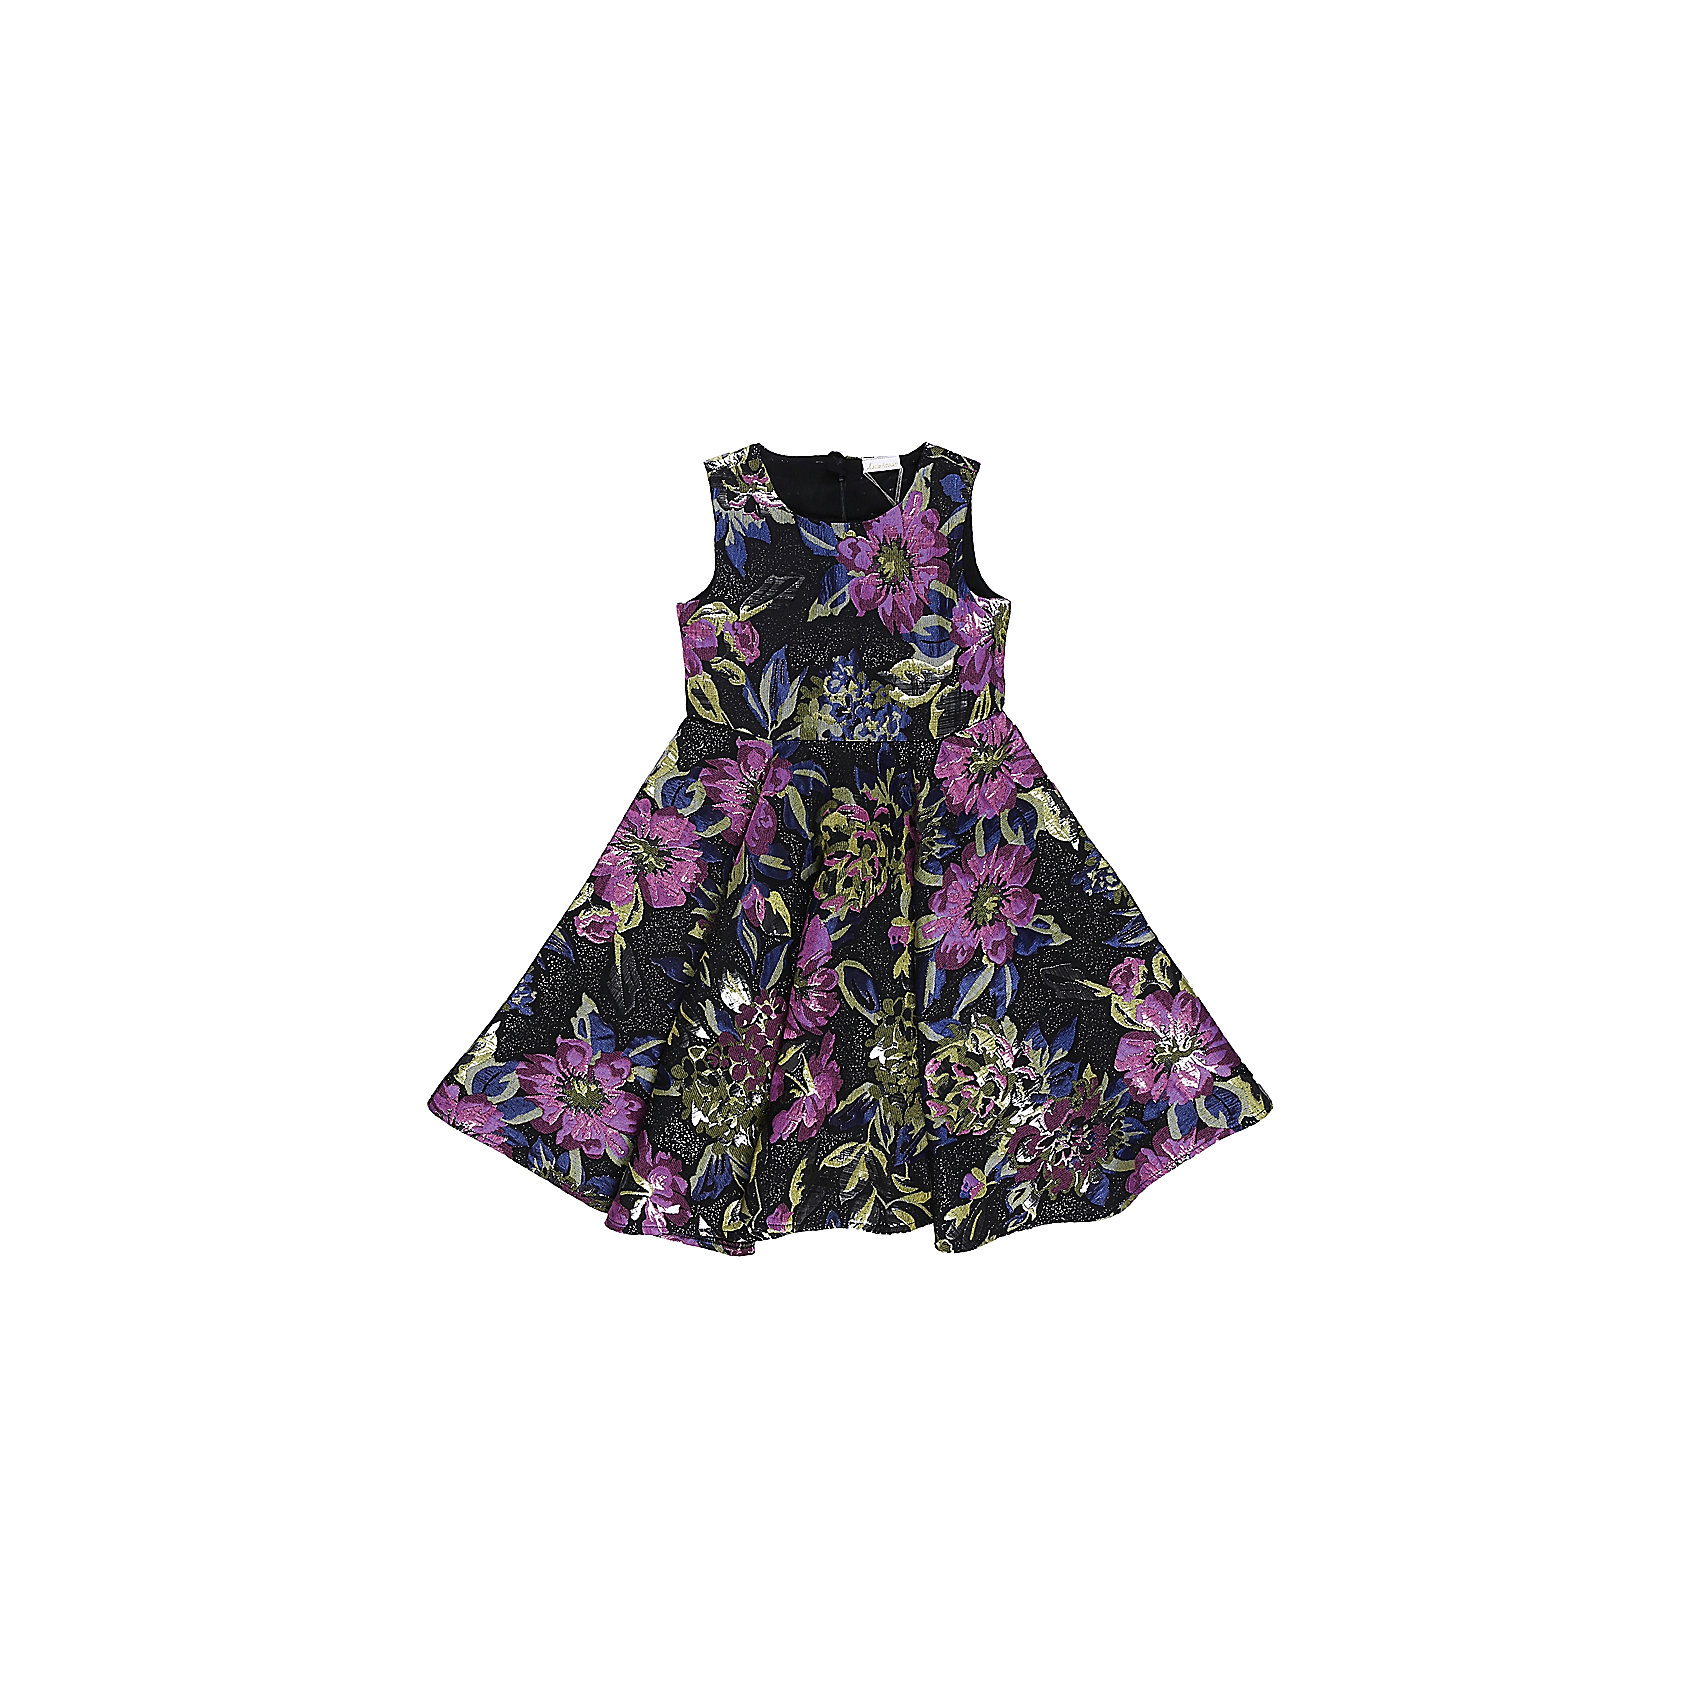 Нарядное платье для девочки LuminosoОдежда<br>Характеристики:<br><br>• Вид одежды: платье<br>• Предназначение: для праздника, торжеств<br>• Сезон: круглый год<br>• Материал: верх – 100% полиэстер; подкладка – 100% хлопок<br>• Цвет: лиловый, черный, синий, зеленый<br>• Силуэт: классический, с завышенной талией<br>• Длина: миди<br>• Вырез горловины: круглый<br>• Застежка: молния на спинке<br>• Особенности ухода: ручная стирка без применения отбеливающих средств, глажение при низкой температуре <br><br>Luminoso – это коллекция от известного производителя Sweet Berry, который сочетает в своей одежде функциональность, качество, стиль и следование современным мировым тенденциям в текстильной индустрии для подростков. <br>Платье для девочки от знаменитого производителя детской одежды Sweet Berry выполнено из полиэстера с хлопковой подкладкой. Изделие имеет классический силуэт с завышенной талией, круглую горловину, пышную юбку-солнце и застежку-молнию на спинке. Изделие выполнено из ткани, имеющей жаккардовый узор с цветочным рисунком. Праздничное платье от Luminoso – это залог успеха вашего ребенка на любом торжестве!<br><br>Платье для девочки Luminoso можно купить в нашем интернет-магазине.<br><br>Ширина мм: 236<br>Глубина мм: 16<br>Высота мм: 184<br>Вес г: 177<br>Цвет: лиловый<br>Возраст от месяцев: 108<br>Возраст до месяцев: 120<br>Пол: Женский<br>Возраст: Детский<br>Размер: 140,134,146,152,158,164<br>SKU: 5052021